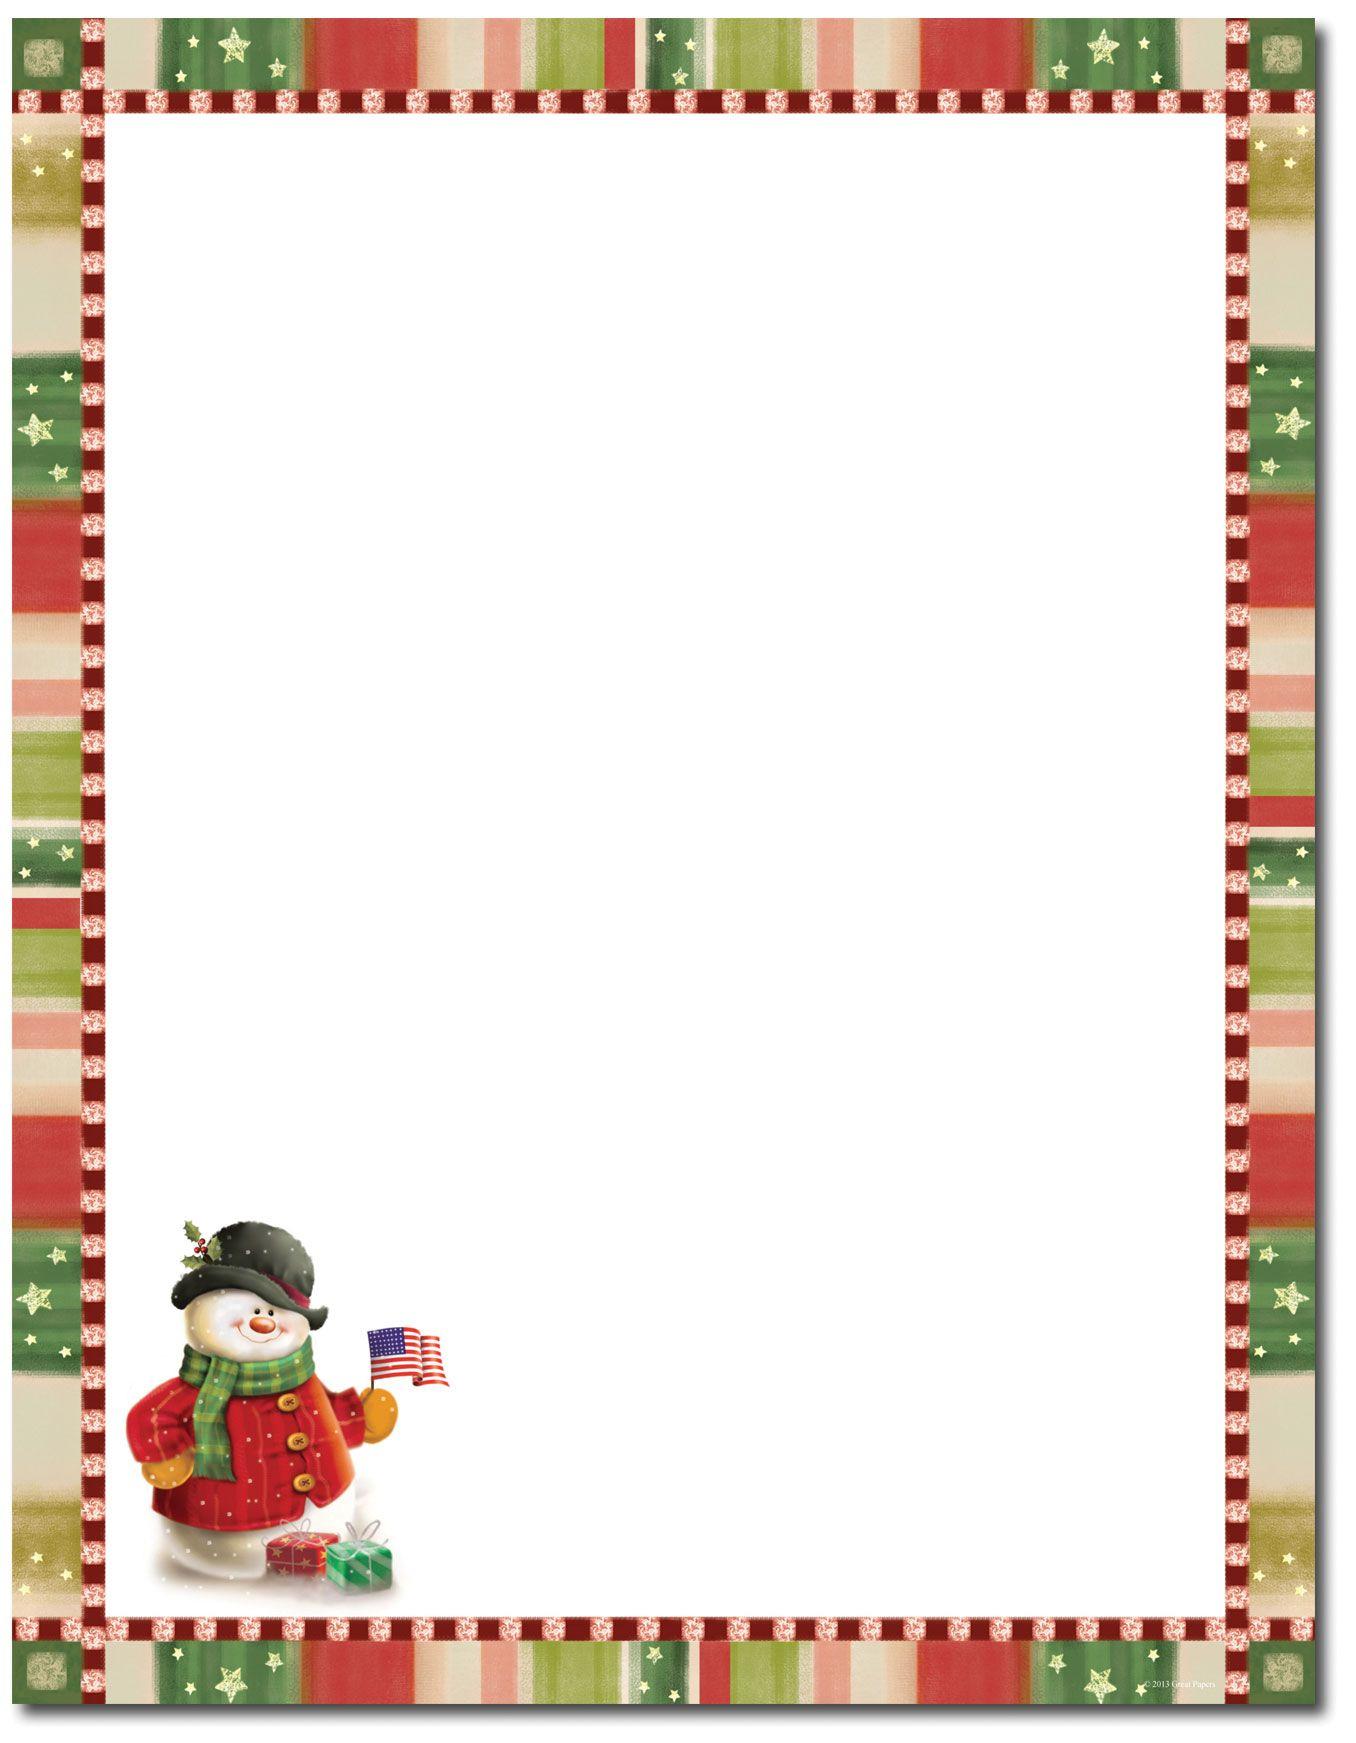 Patriotic Snowman Letterhead | Christmas Stationery | Christmas - Free Printable Christmas Stationary Paper